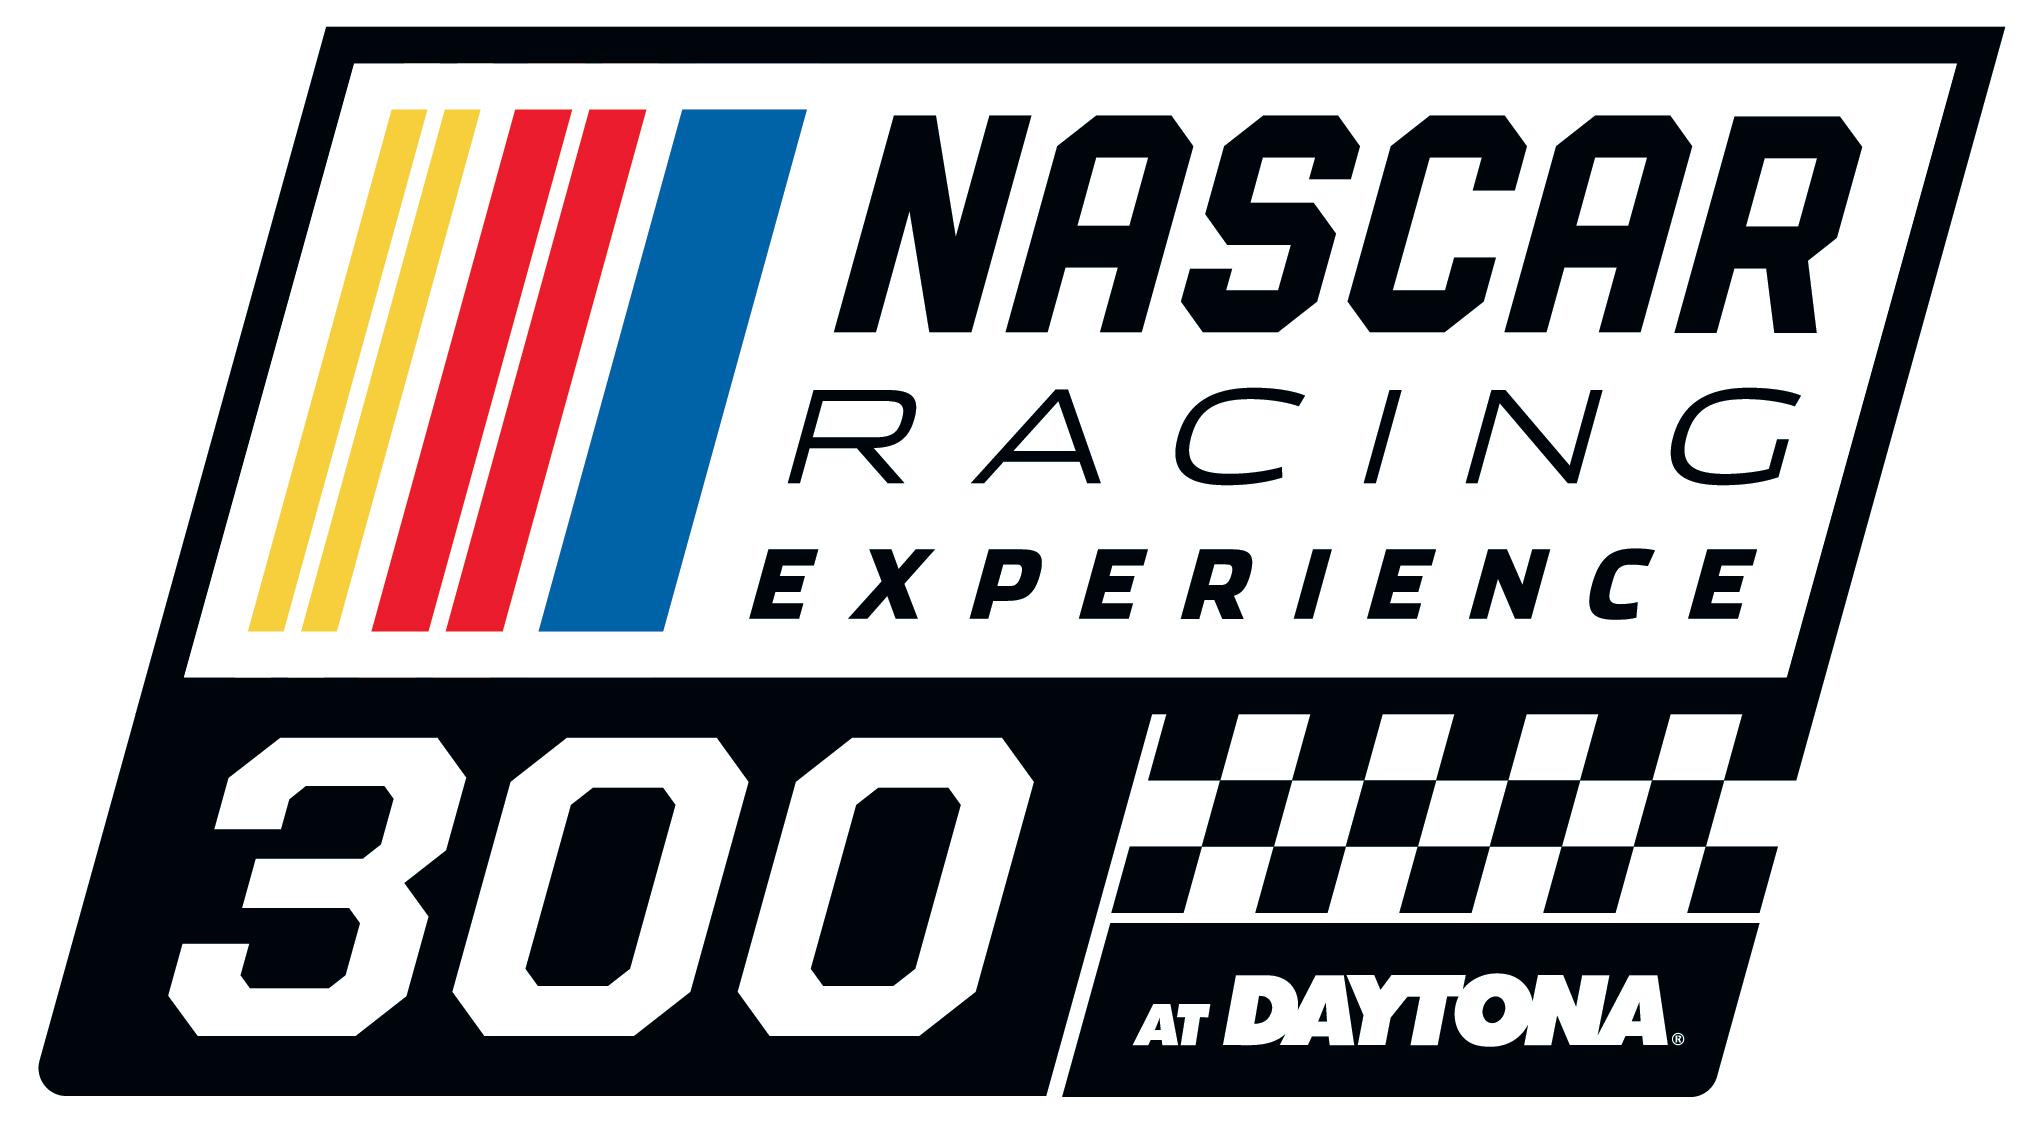 Daytona 300 Sponsor